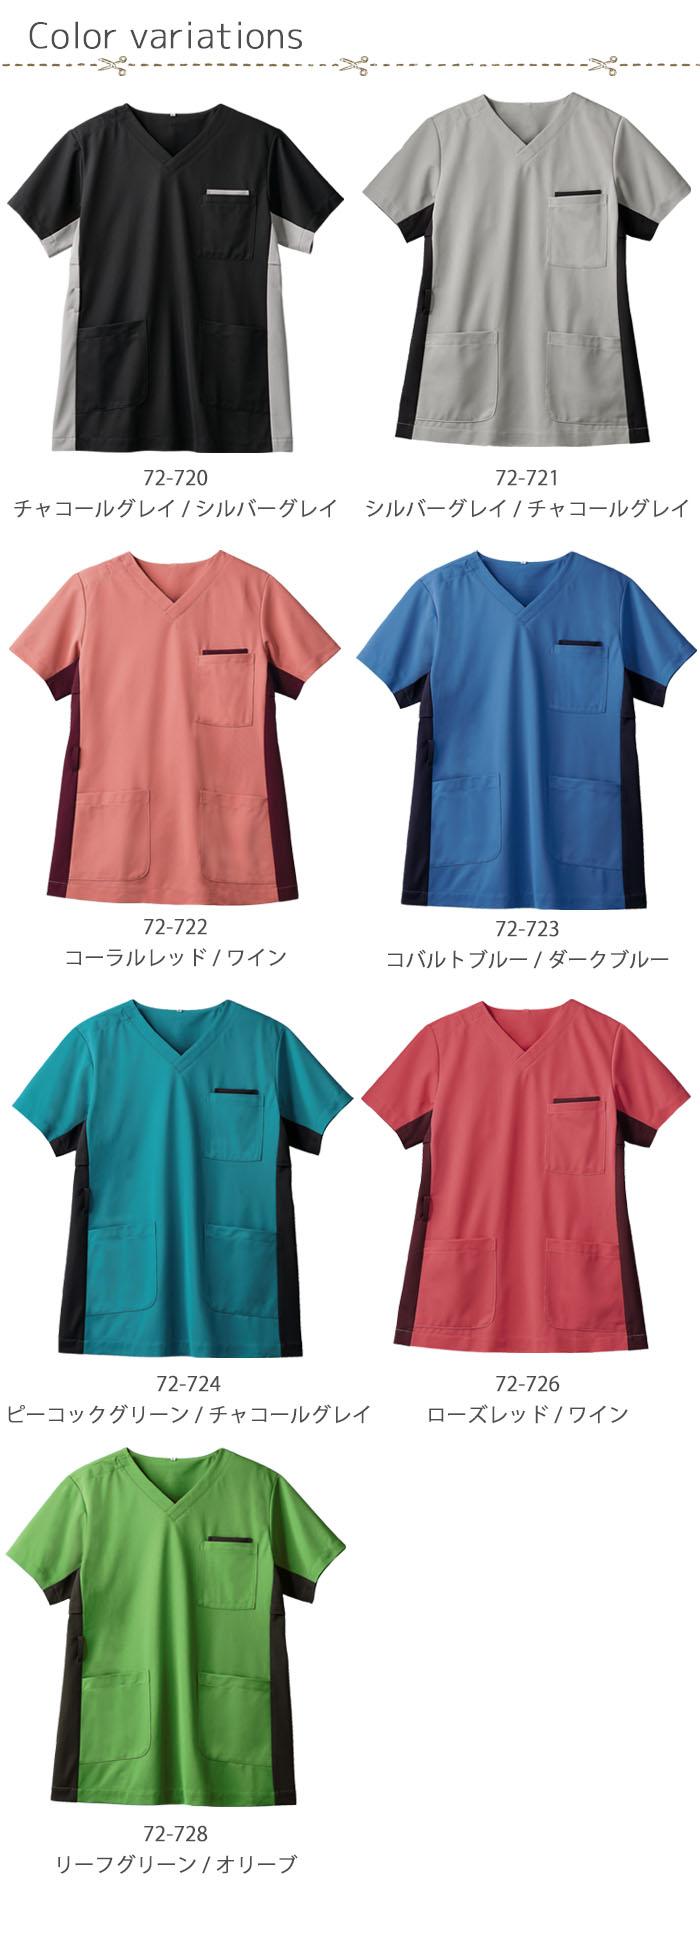 72-720 7色の半袖スクラブ 色展開画像